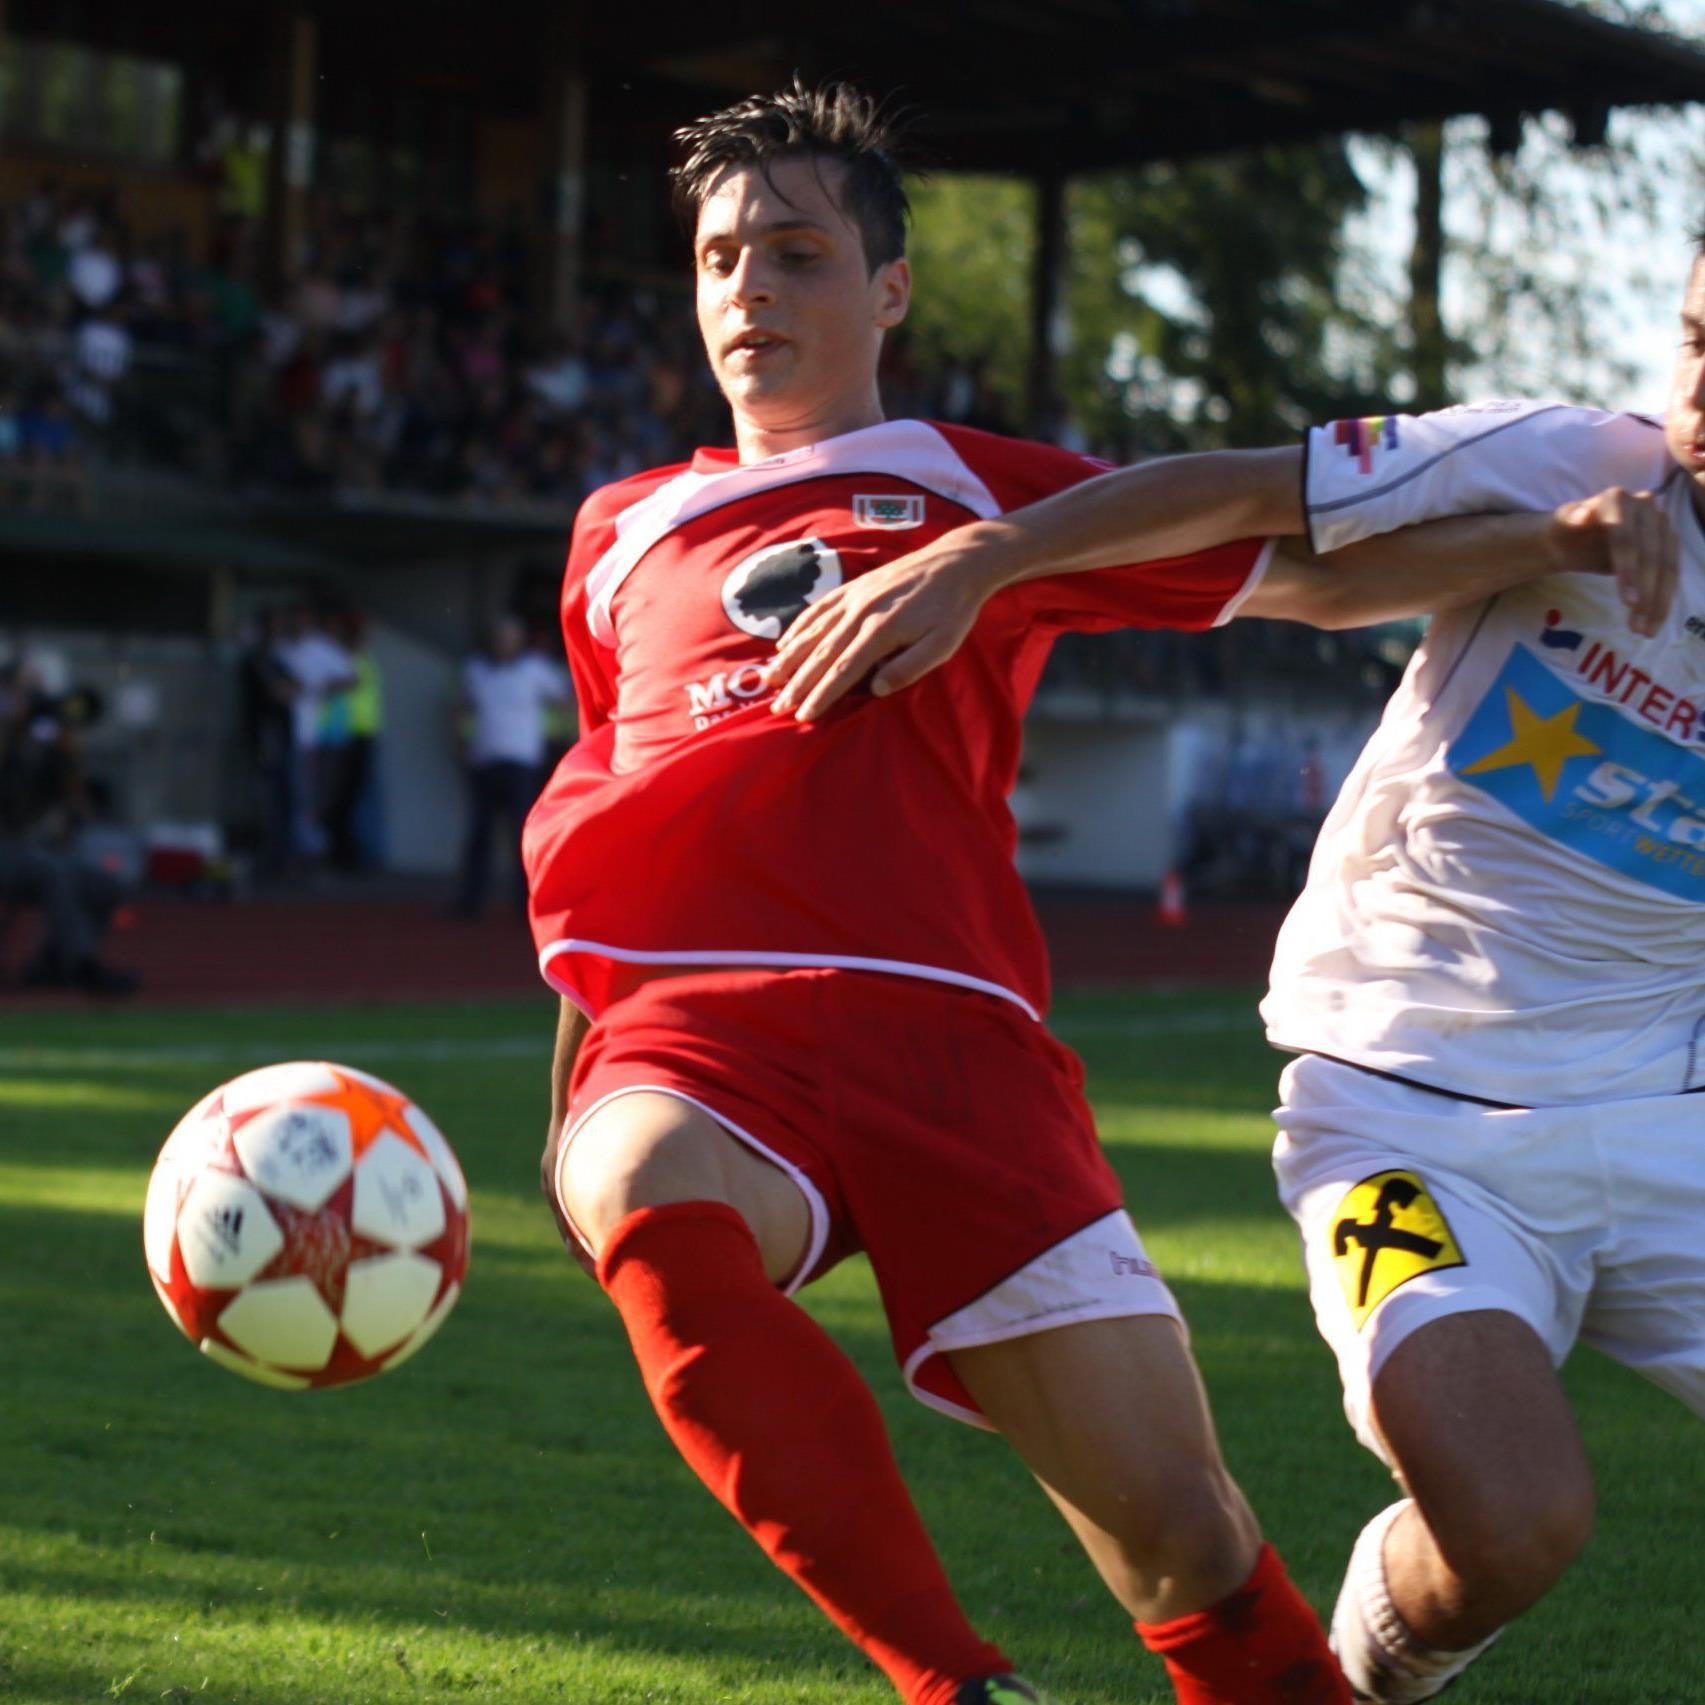 Am Wochenende beginnt der Frühjahrsstart in der Regionalliga West.